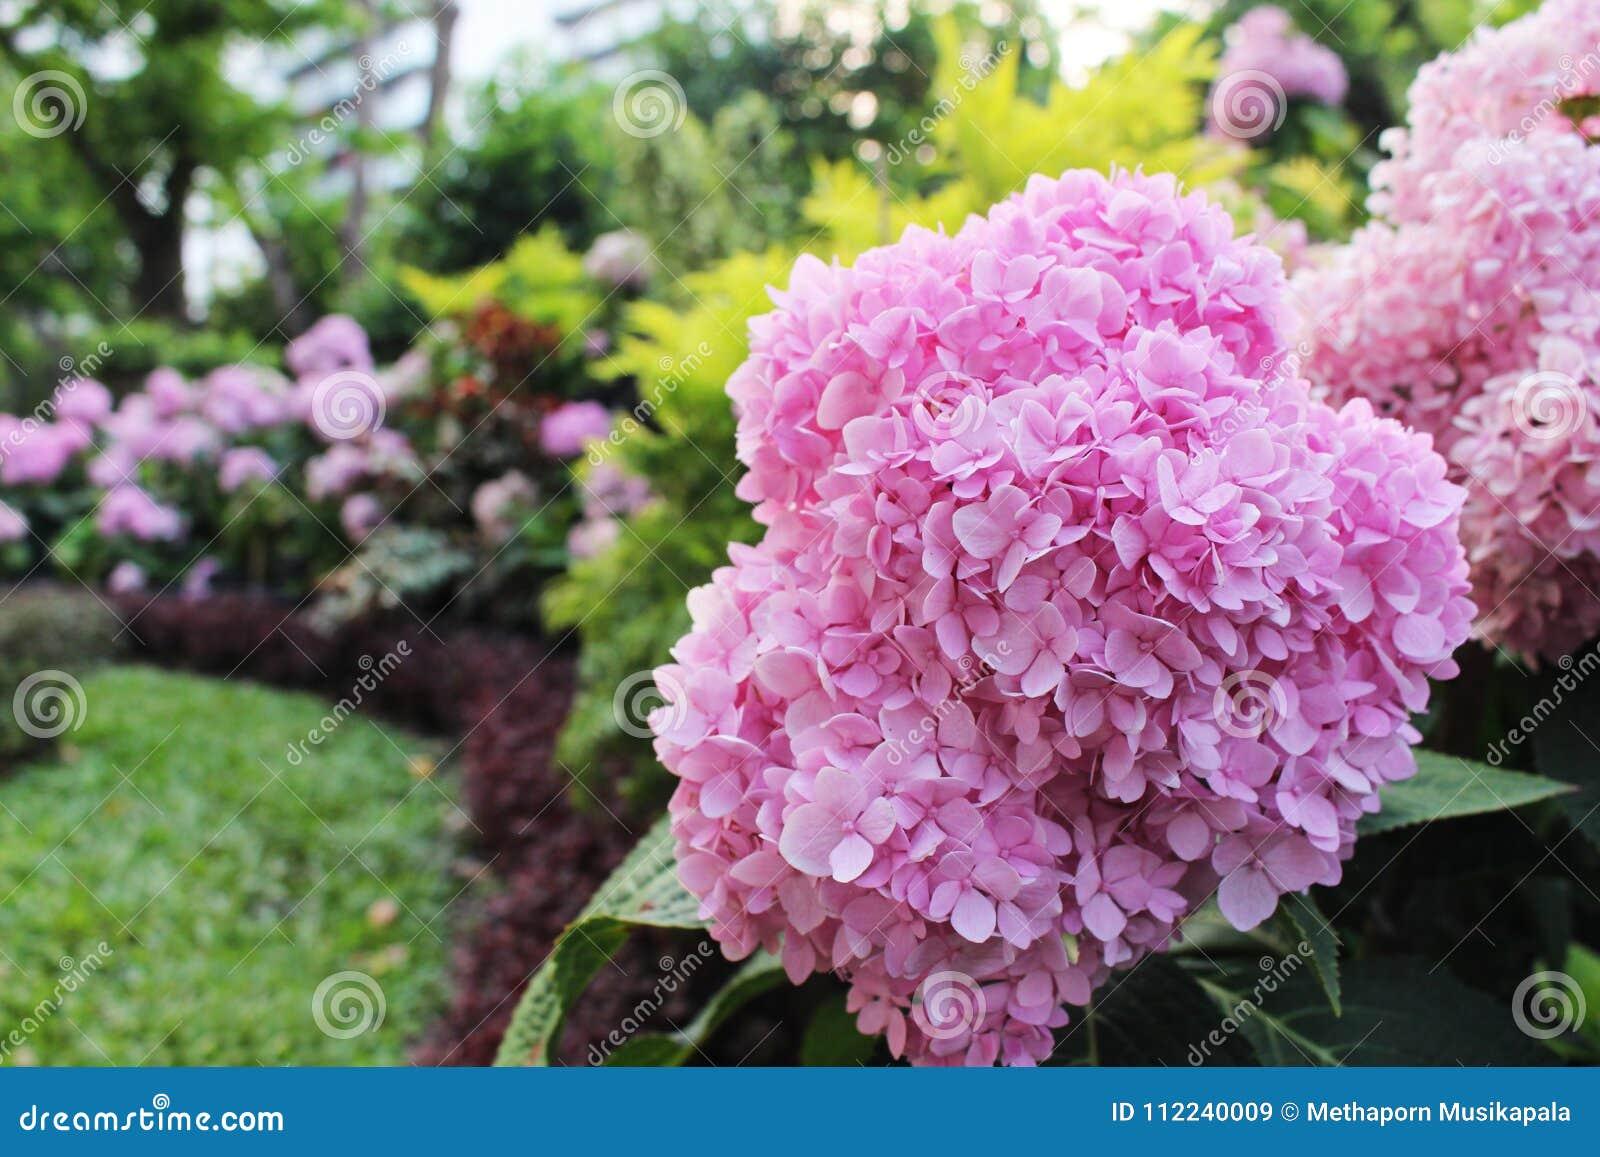 Schließen Sie herauf schöne rosa Farben von den Hortensie-Blumen, die auf grünem Blatt und multi Farbhintergrund blühen